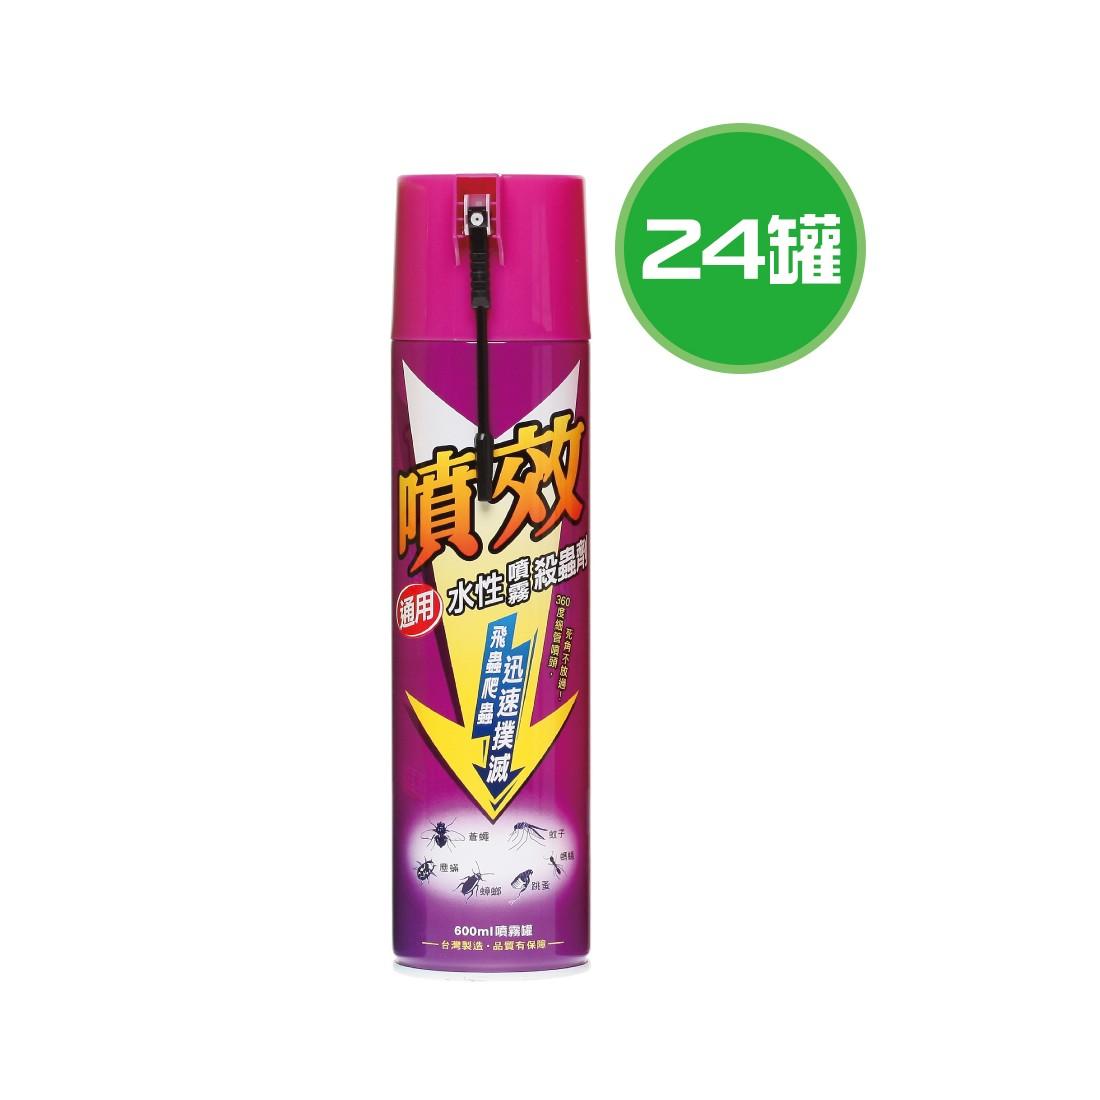 白博士防螨抗菌濃縮洗衣精 (3800g/瓶)